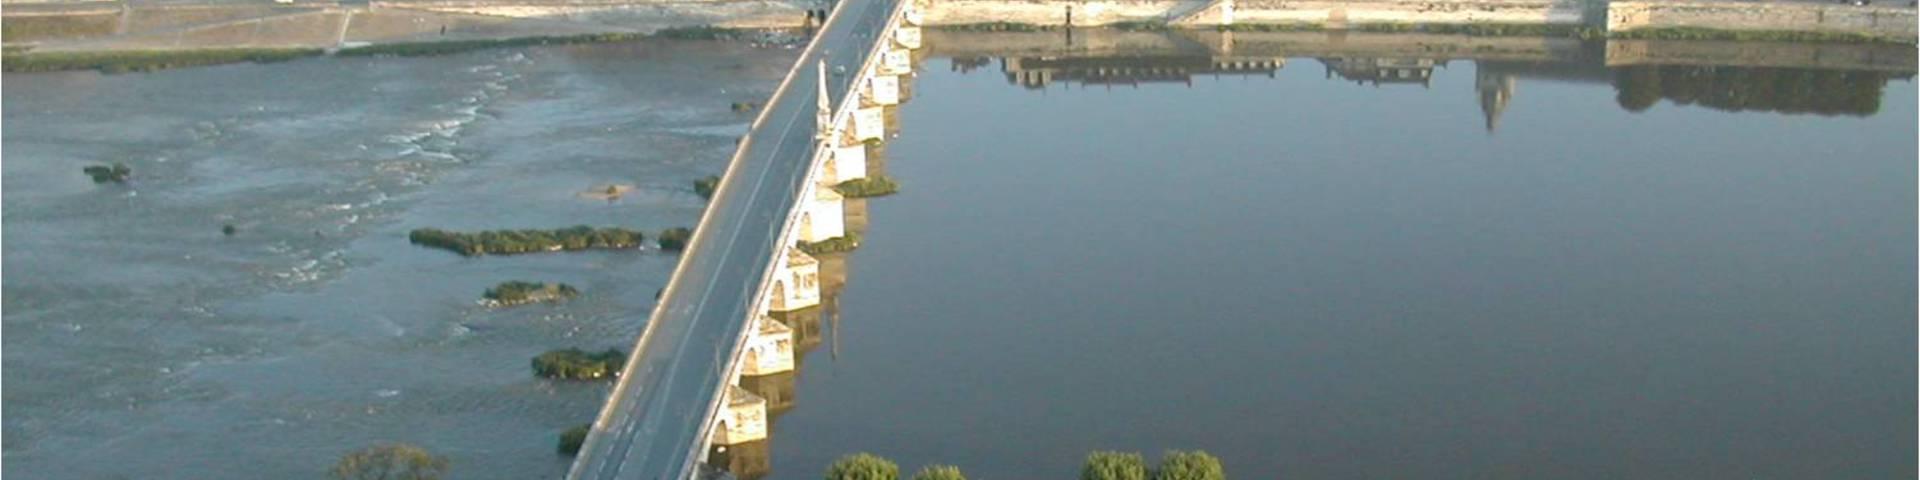 Die Jacques-Gabriel-Brücke in der Stadt Blois